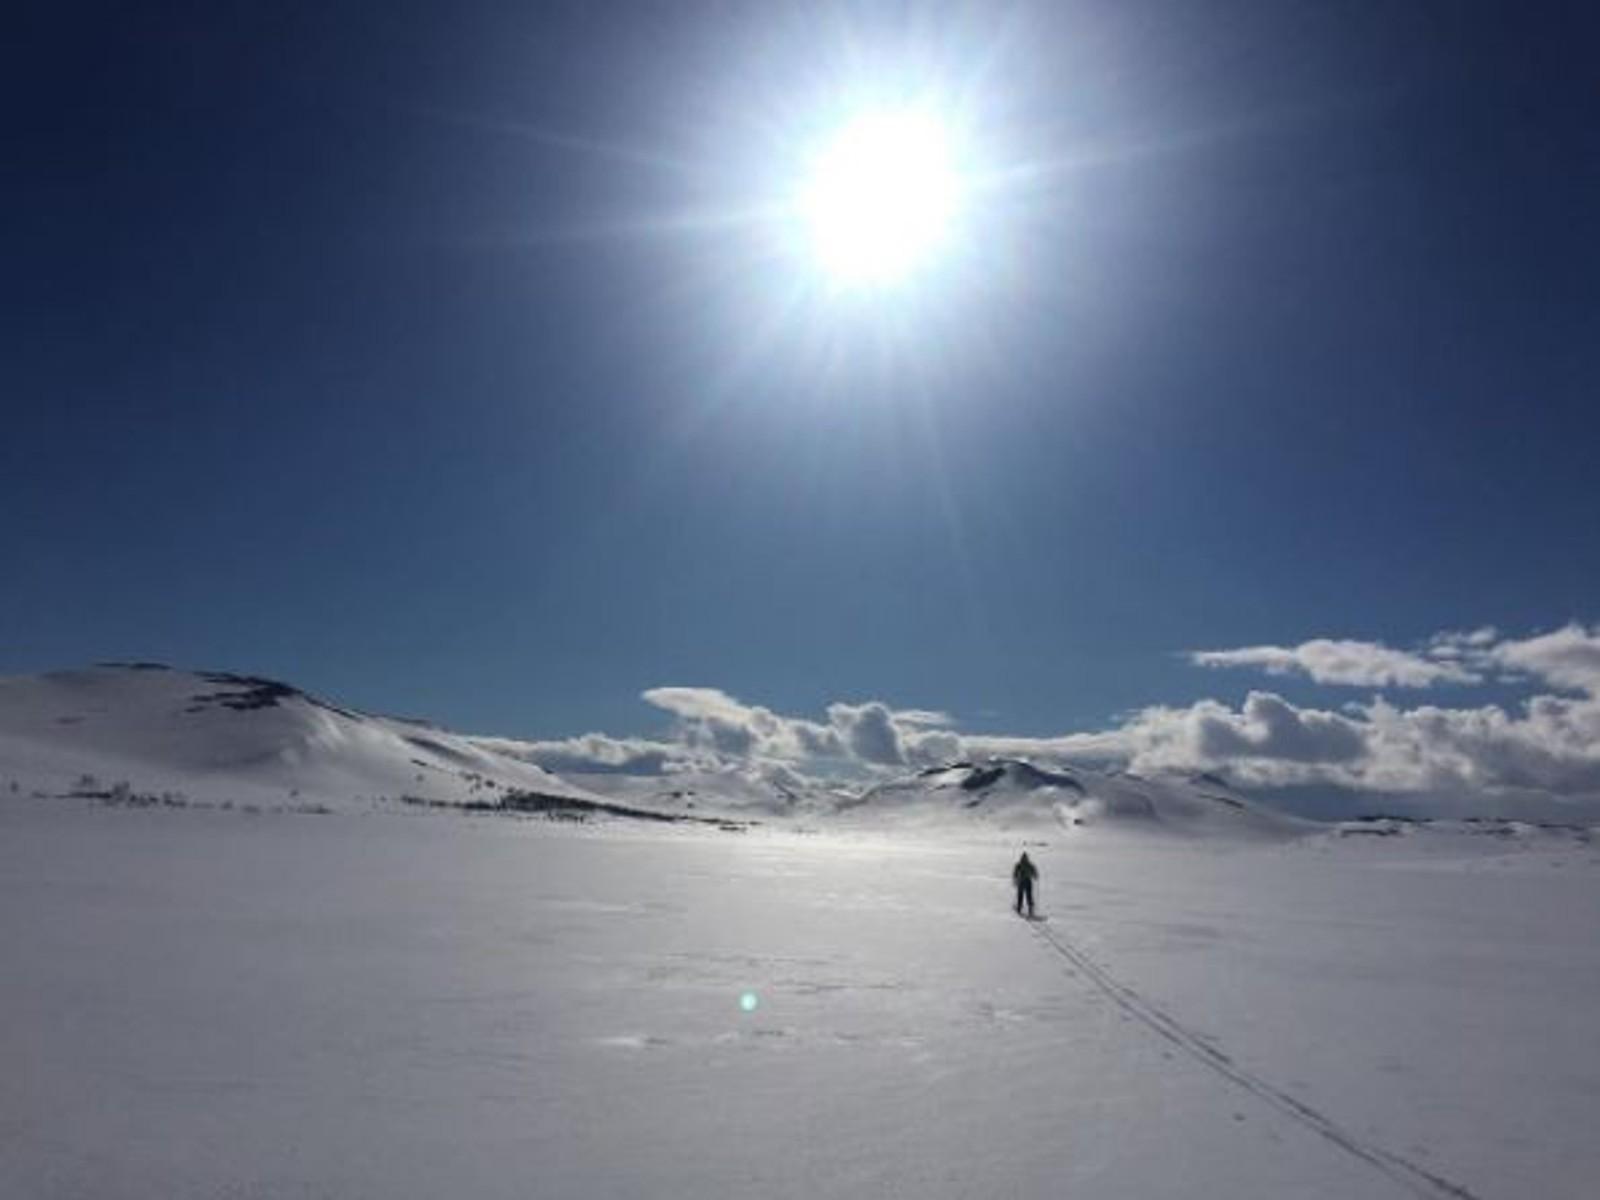 Kanskje årets siste skitur, men herlig vær over Sennalandet.